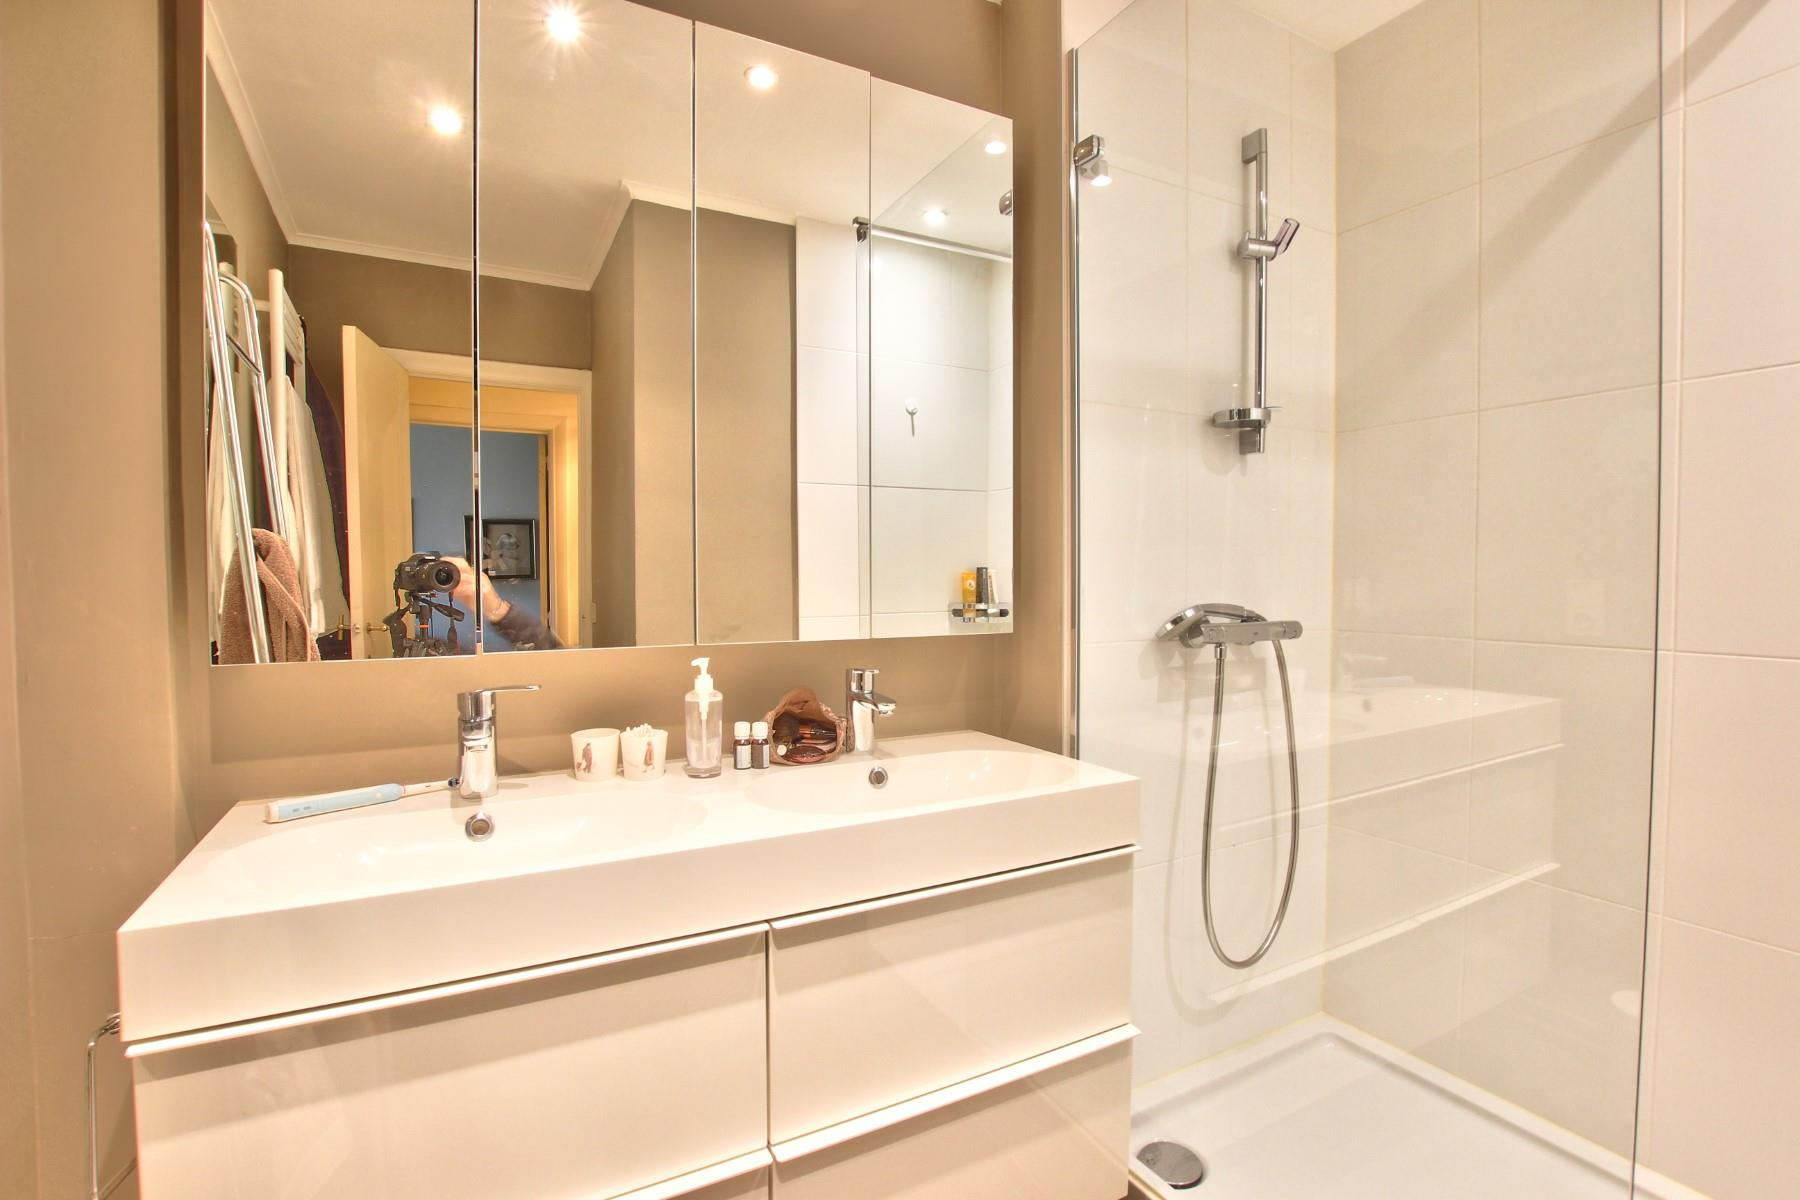 Appartement exceptionnel - Ixelles - #4098210-7